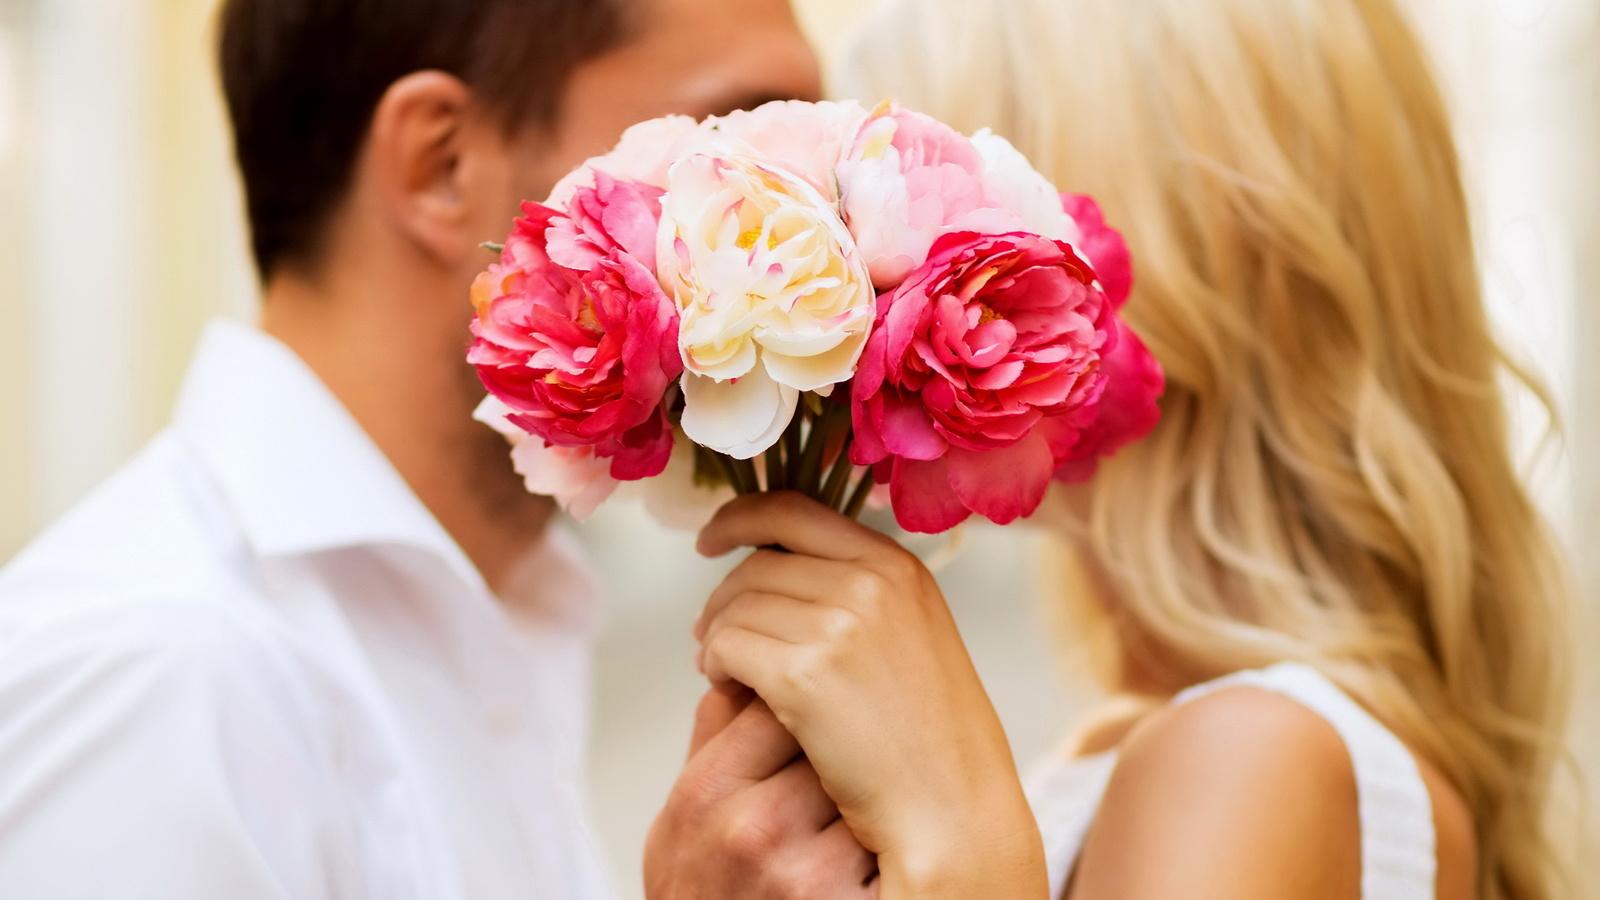 Картинки для девушек цветы романтические